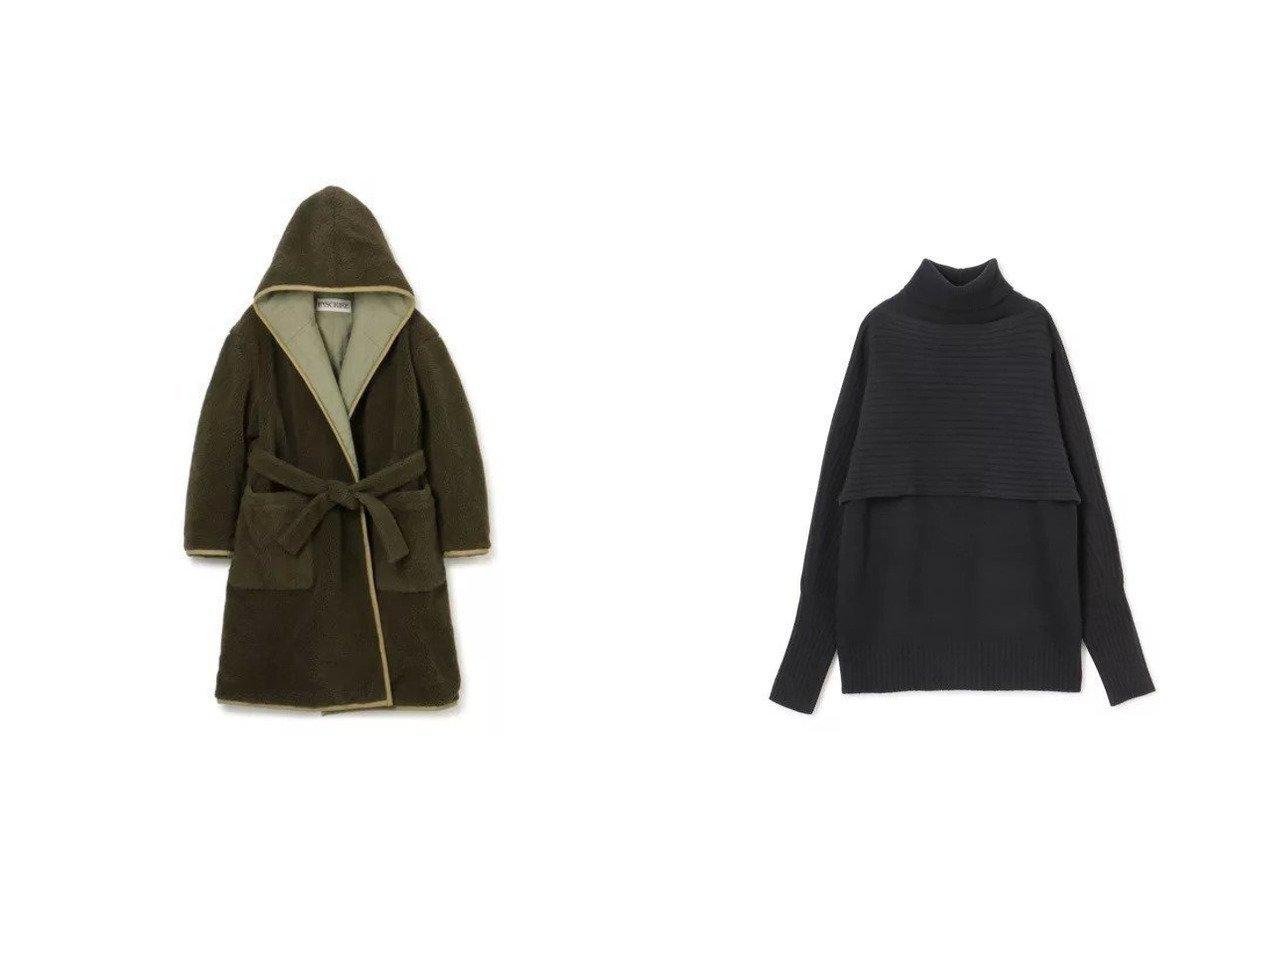 【INSCRIRE/アンスクリア】のReversible Down Coat&Wool Cashmere Layerd Pull Over 【アウター】おすすめ!人気、トレンド・レディースファッションの通販 おすすめで人気の流行・トレンド、ファッションの通販商品 インテリア・家具・メンズファッション・キッズファッション・レディースファッション・服の通販 founy(ファニー) https://founy.com/ ファッション Fashion レディースファッション WOMEN アウター Coat Outerwear トップス・カットソー Tops/Tshirt ニット Knit Tops ベスト/ジレ Gilets/Vests タートルネック Turtleneck コート Coats ダウン Down Coats And Jackets 2021年 2021 2021-2022秋冬・A/W AW・Autumn/Winter・FW・Fall-Winter・2021-2022 A/W・秋冬 AW・Autumn/Winter・FW・Fall-Winter おすすめ Recommend カシミヤ カーディガン セーター タートルネック ベスト マフラー キルト コンビ ダウン リバーシブル  ID:crp329100000056372